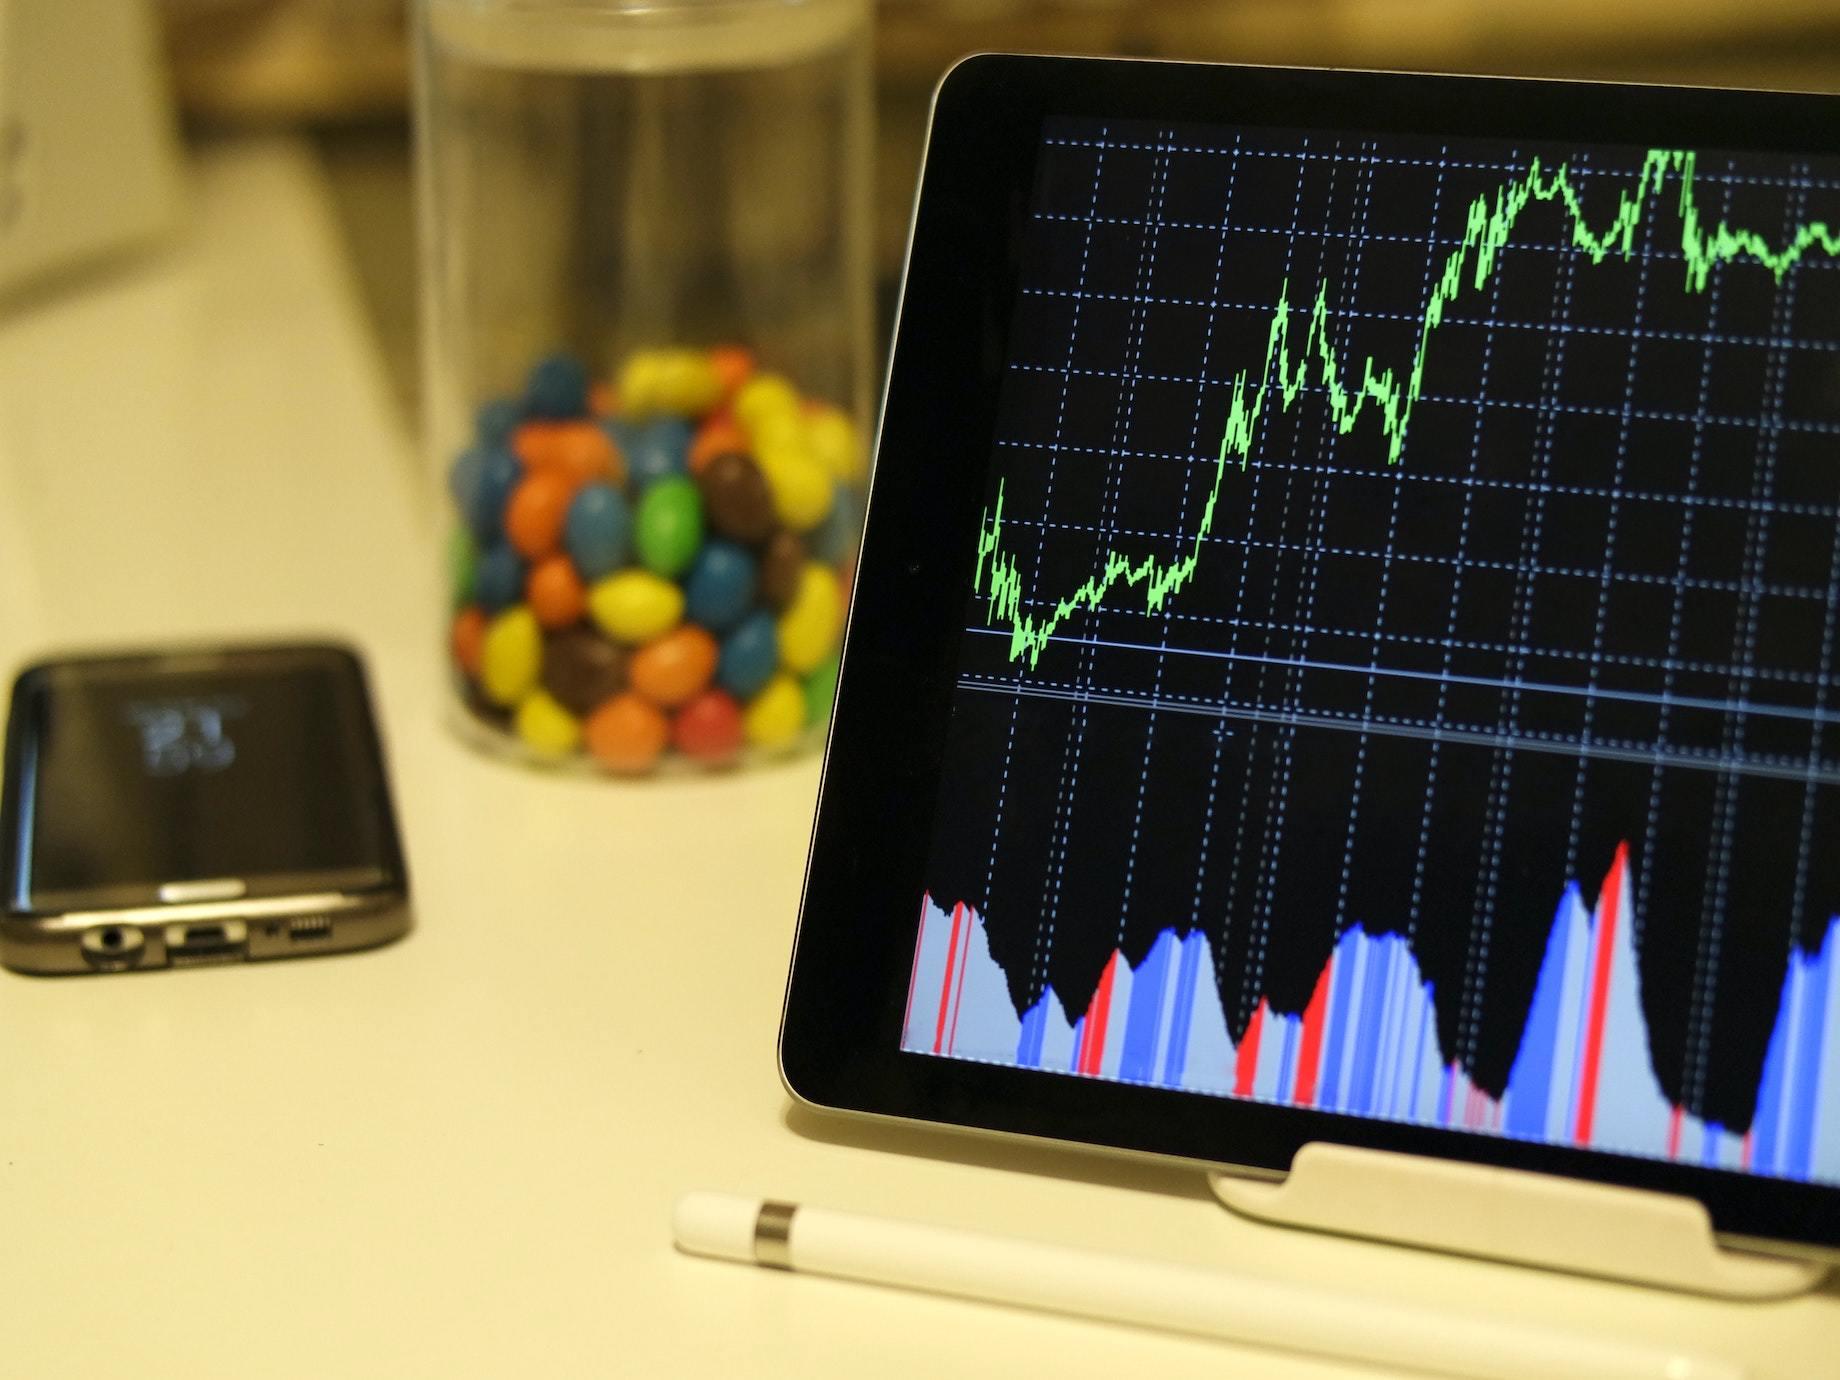 你是真的在投資,還是碰碰運氣?投資理財3大盲點,別再落入陷阱!